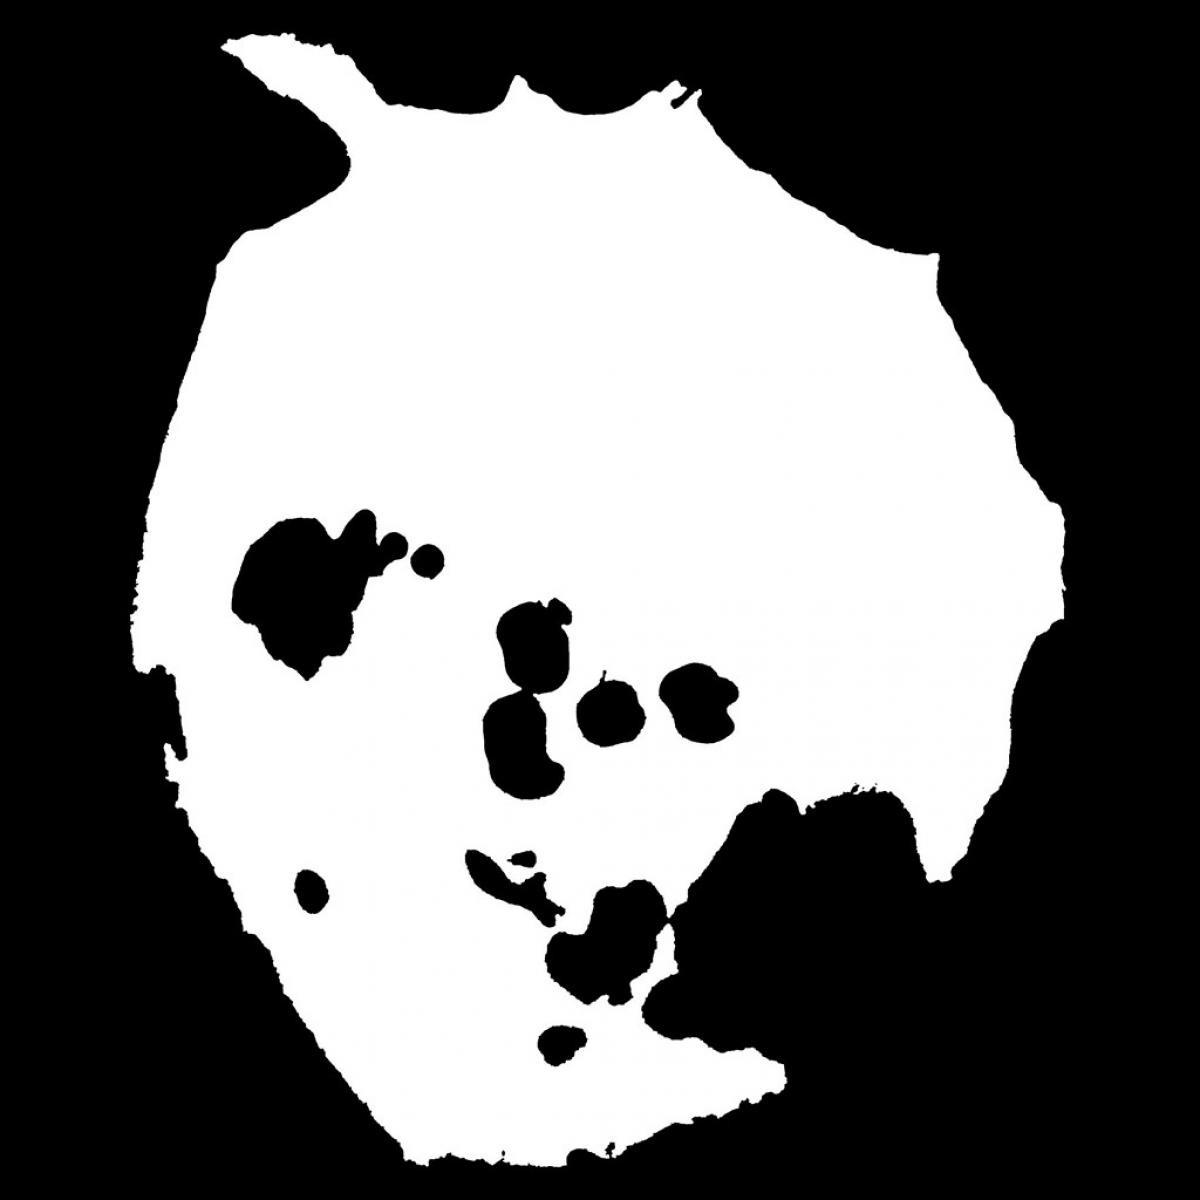 La desaparición y regreso de Radiohead a la web